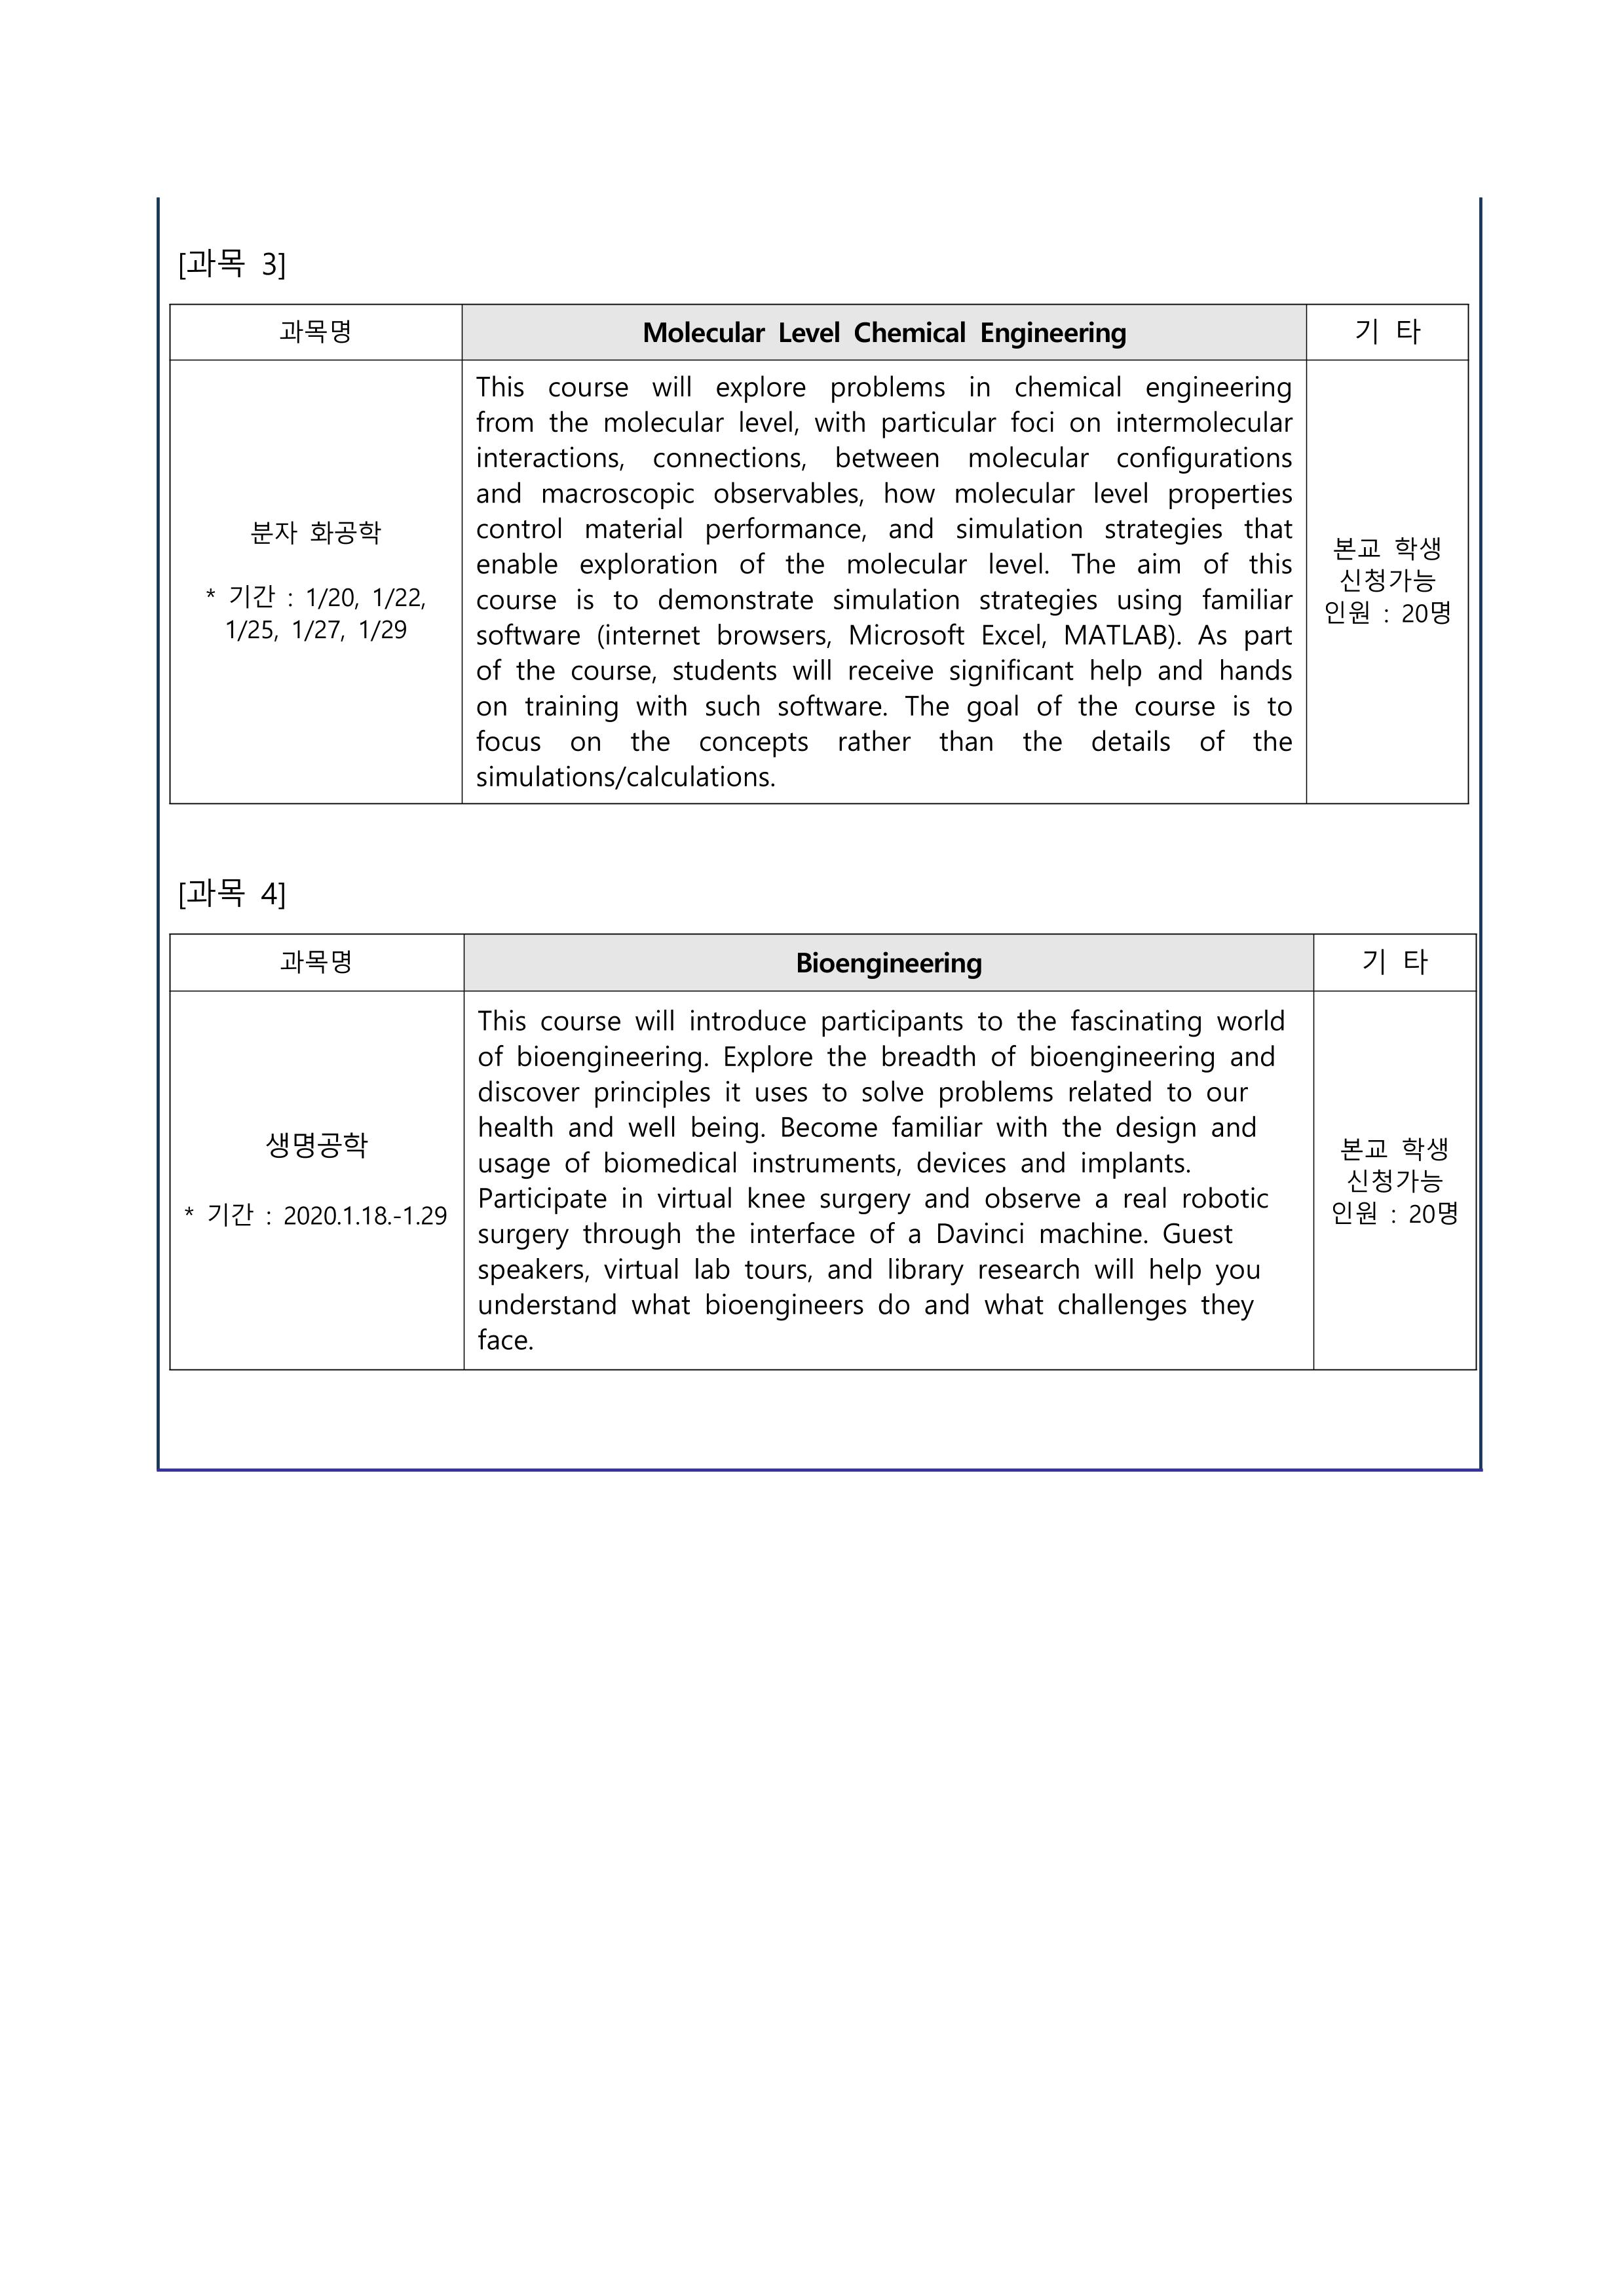 2020학년도 온라인 글로벌 프론티어 참가 희망 가정통신문 4Page.